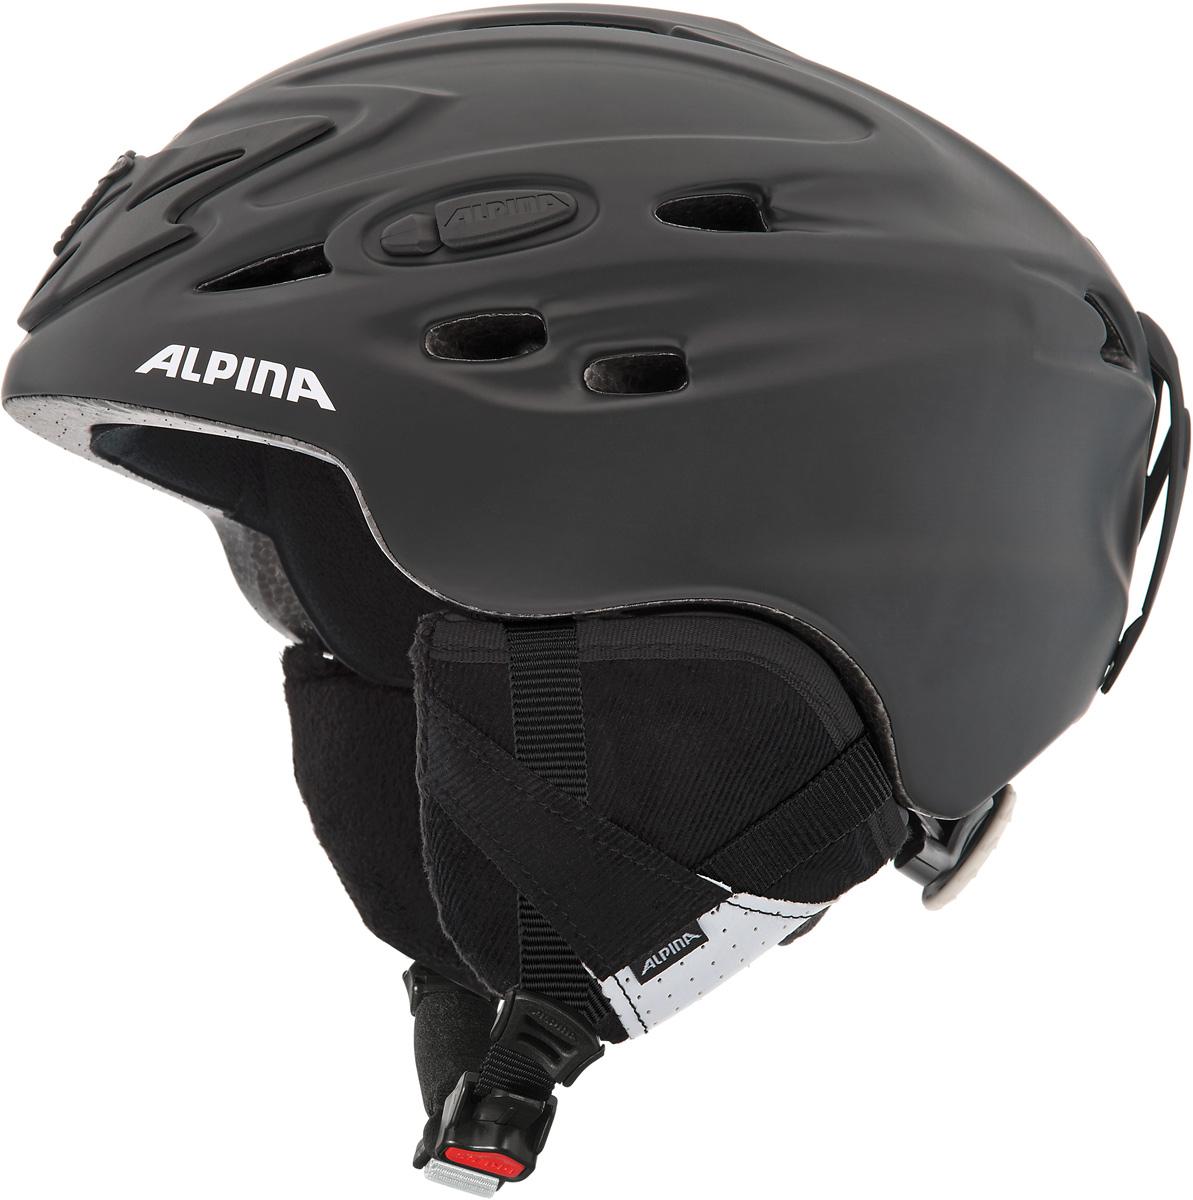 Шлем горнолыжный Alpina Scara, цвет: черный. A9017_69. Размер 55-59A9017_69Шлем горнолыжный Alpina Scara - модель создана специально для тех, кто не хочет идти на компромисс между технологиями и стилем. Исключительно устойчивый и легкий. Благодаря эффективной системы вентиляции между внутренней и внешней оболочкой микроклимат под шлемом всегда прохладный. Вынимаемая внутренняя подкладка шлема, которую можно стирать.Технологии: Inmold Tec – технология соединения внутренней и внешней части шлема при помощи высокой температуры. Данный метод делает соединение исключительно прочным, а сам шлем легким. Такой метод соединения гораздо надежнее и безопаснее обычного склеивания.Ceramic – особая технология производства внешней оболочки шлема. Используются легковесные материалы экстремально прочные и устойчивые к царапинам. Возможно использование при сильном УФ изучении, так же поверхность имеет антистатическое покрытие.Run System – простая система настройки шлема, позволяющая добиться надежной фиксации.Airstream Control – регулируемые воздушные клапана для полного контроля внутренней вентиляции.Removable Earpads - съемные амбушюры добавляют чувства свободы во время катания в теплую погоду, не в ущерб безопасности. При падении температуры, амбушюры легко устанавливаются обратно на шлем.Changeable Interior – съемная внутренняя часть. Допускается стирка в теплой мыльной воде.Neckwarmer – дополнительное утепление шеи. Изготовлено из мягкого флиса.